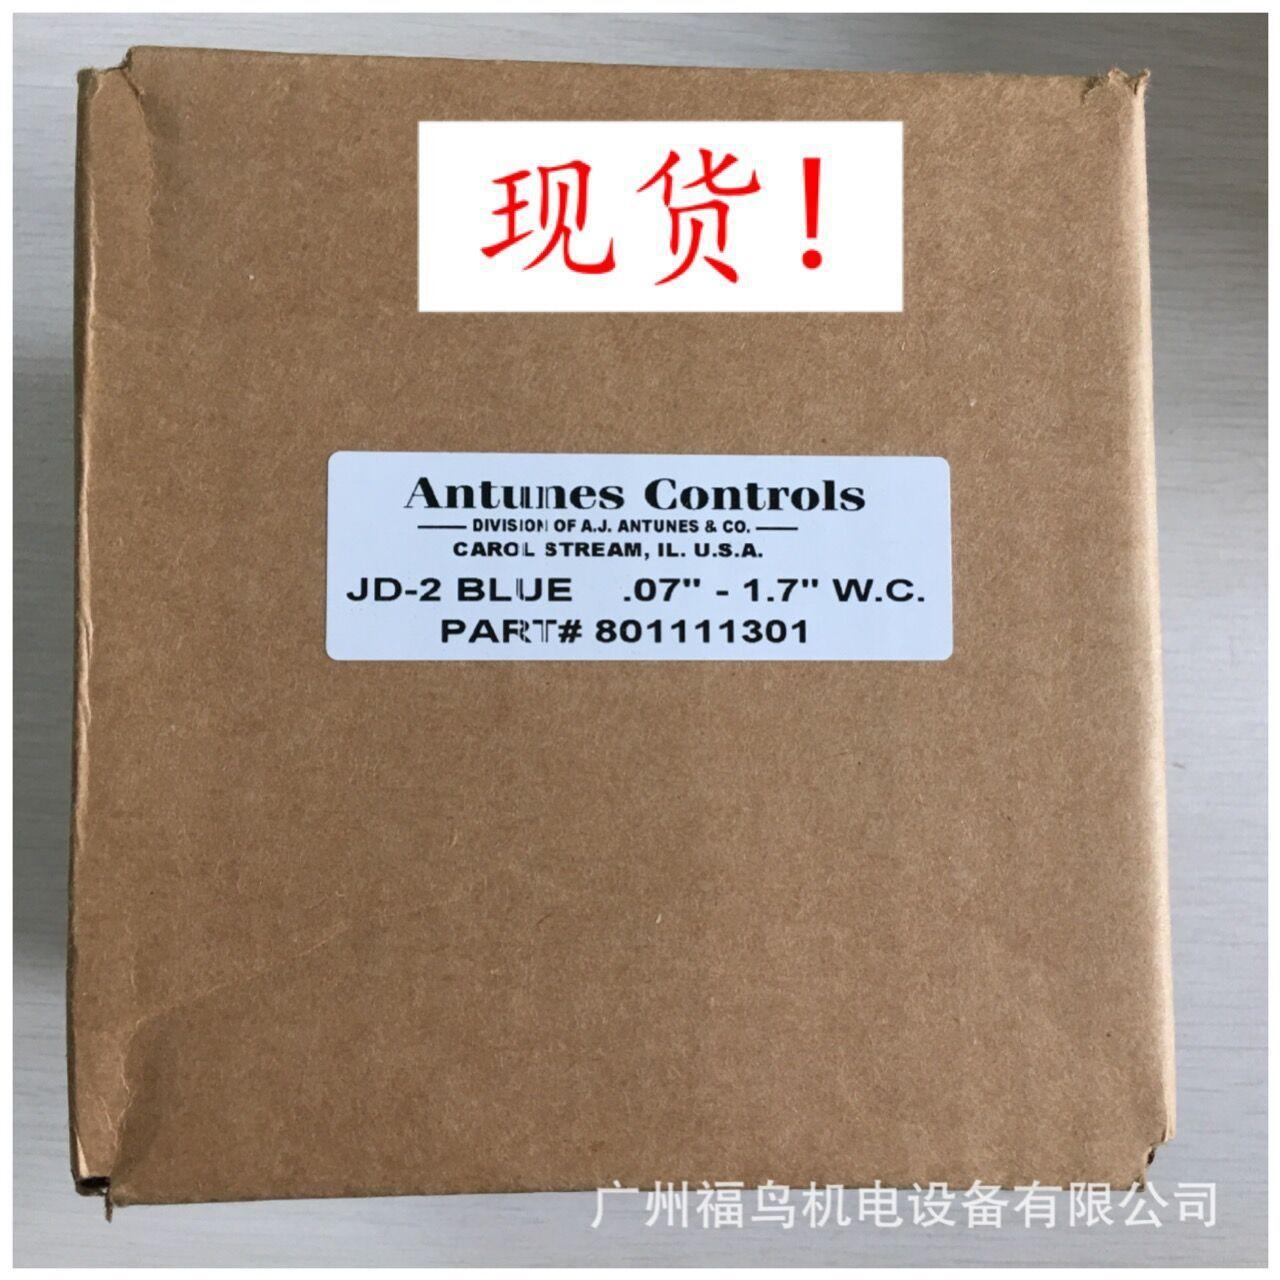 ANTUNES CONTROLS壓力開關, 型號: JD-2 BLUE SPRING